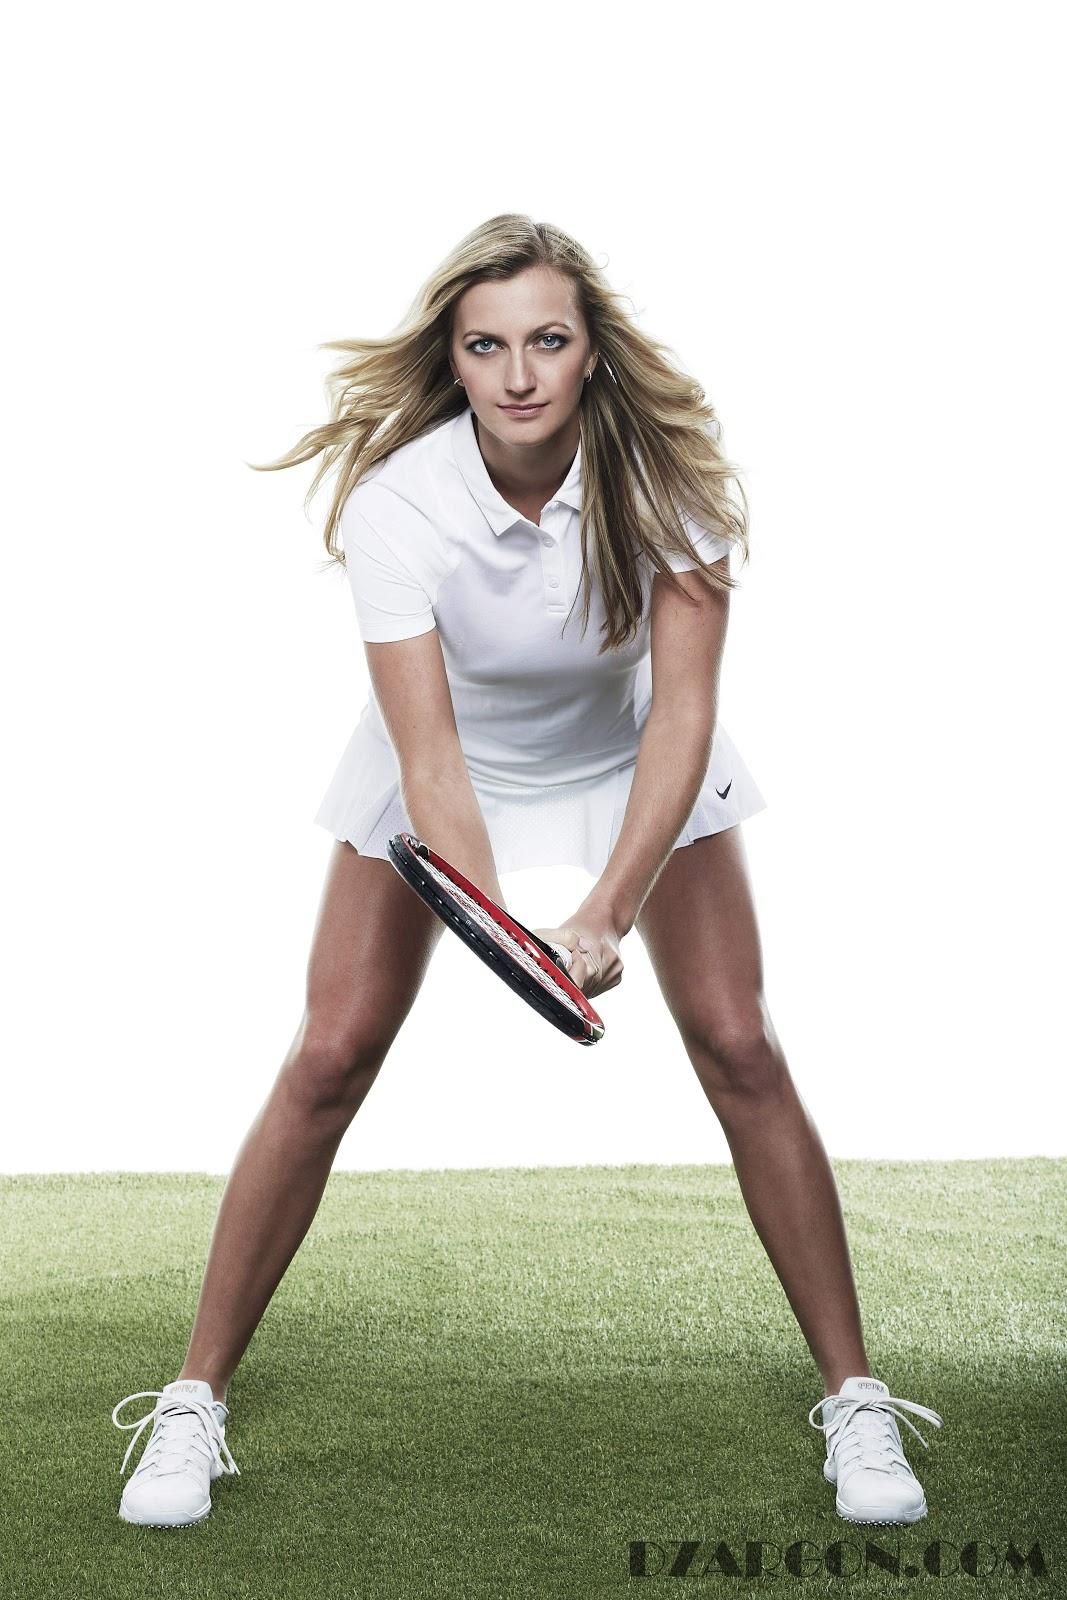 Meskipun tidak setenar nama pemain tennis lain, namuan Petra Kvitiva cukup puas berada di urutan 8 sebagai wanita dengan penghasilan endorse tahun terbanyak yakni sekitar 23 Milliar. Petra Kvitas sedang merangkai karirnya karena usianya yang masih terbilang muda yakni kelahiran tahun 1990.